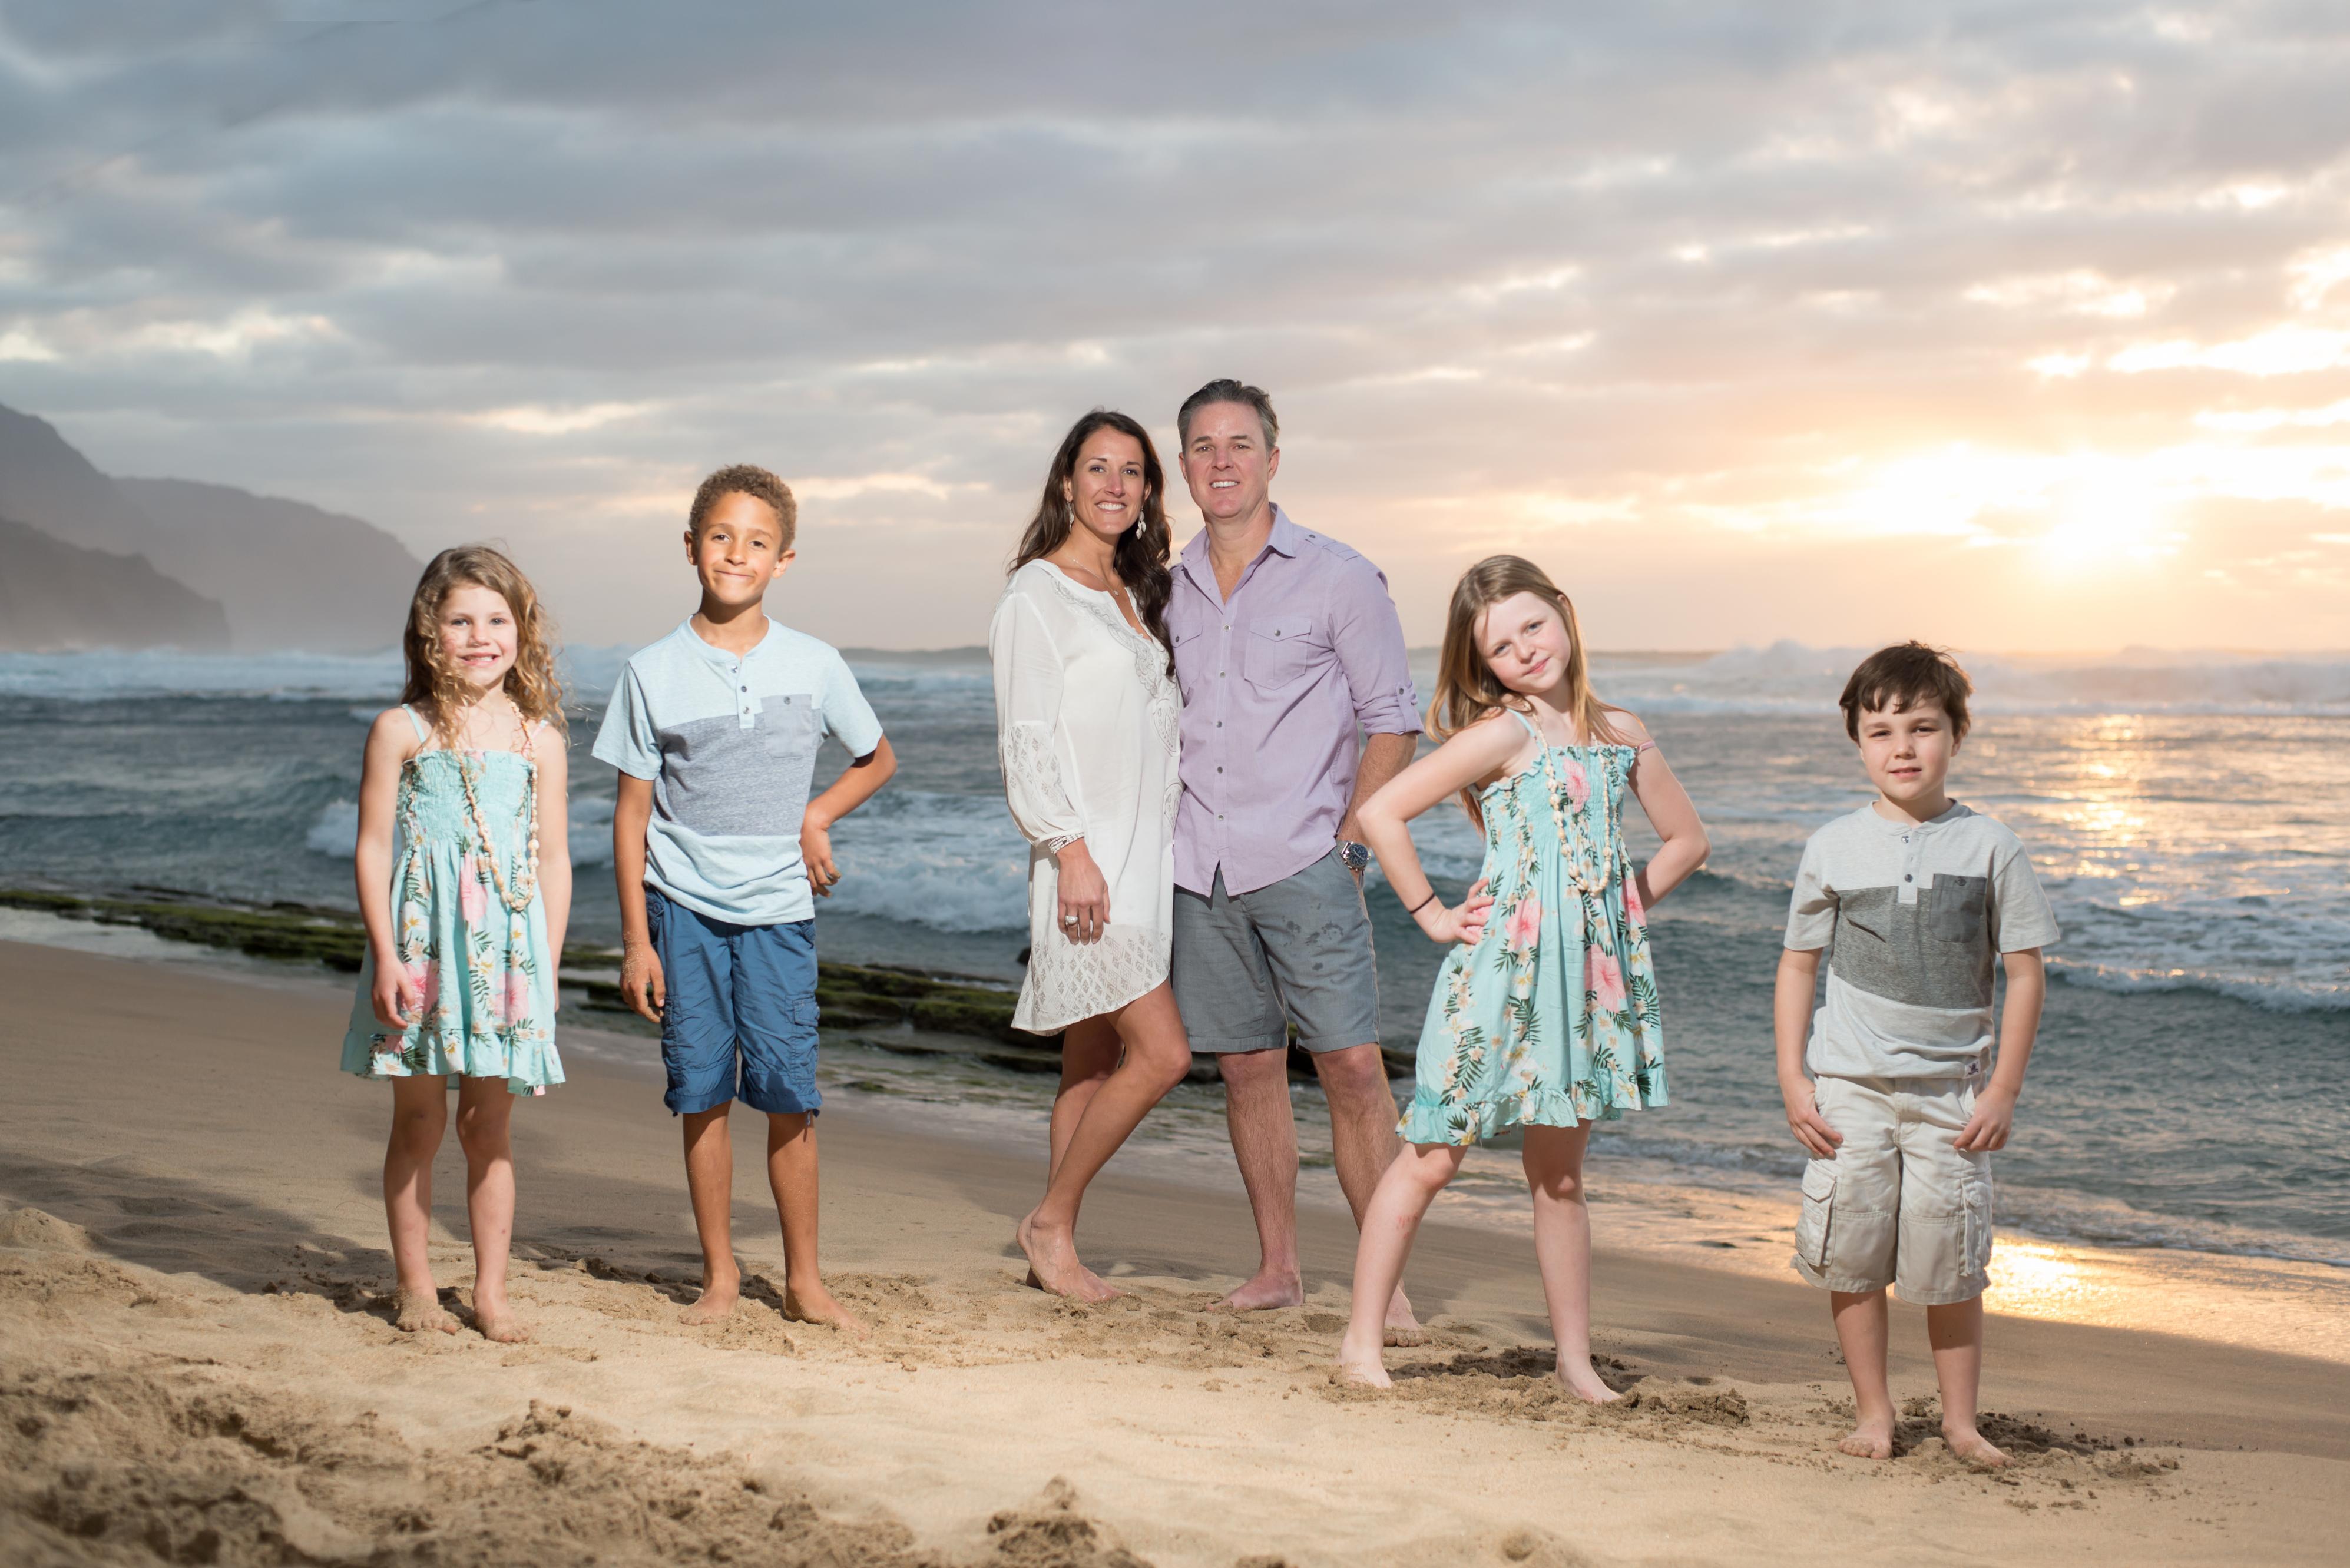 Kauai family portraits